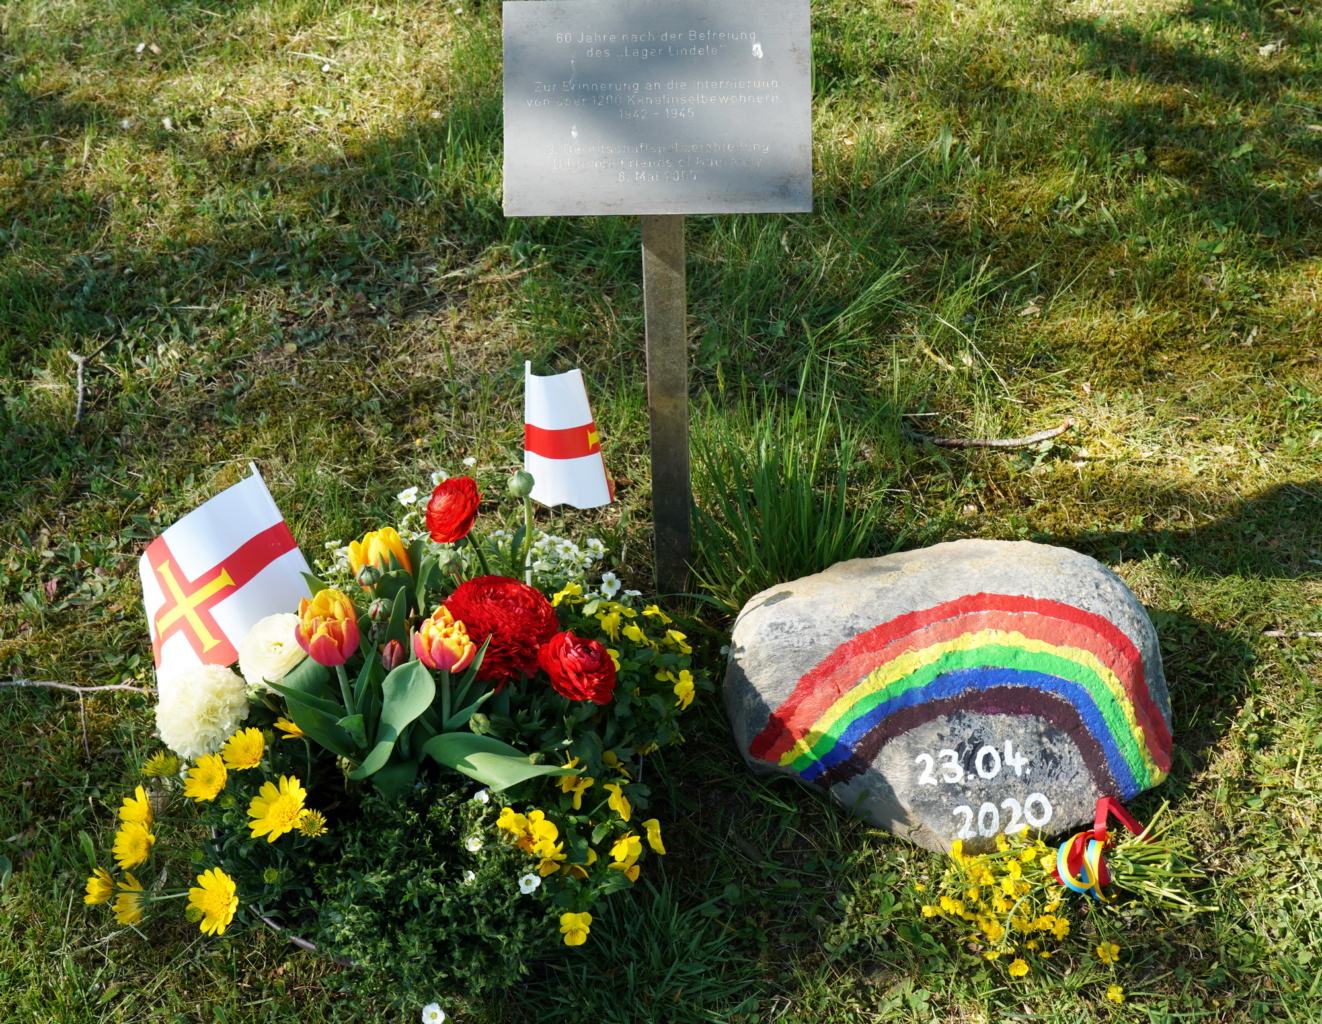 75 Jahre Freiheit und Verantwortung für die Zukunft -Gedenkfeier am 23.04.2020 beim Lager Lindele